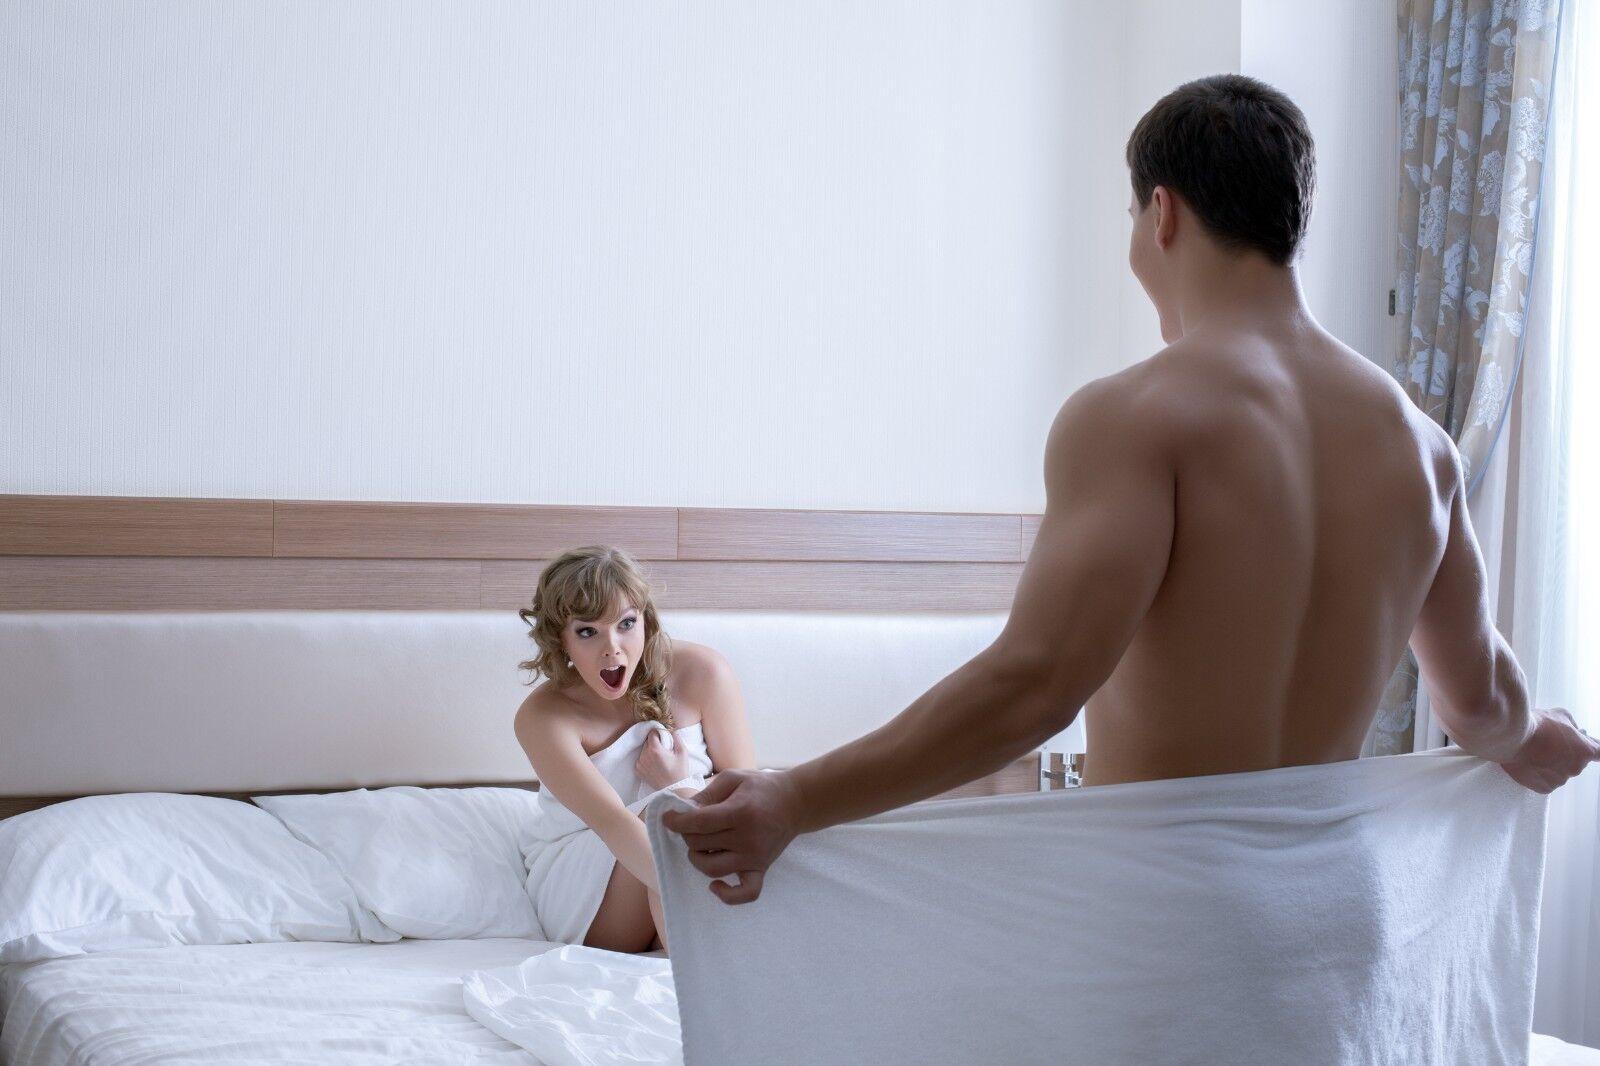 Секс не знала что ее снимают, Не знает что ее снимает скрытая камера - смотреть 13 фотография